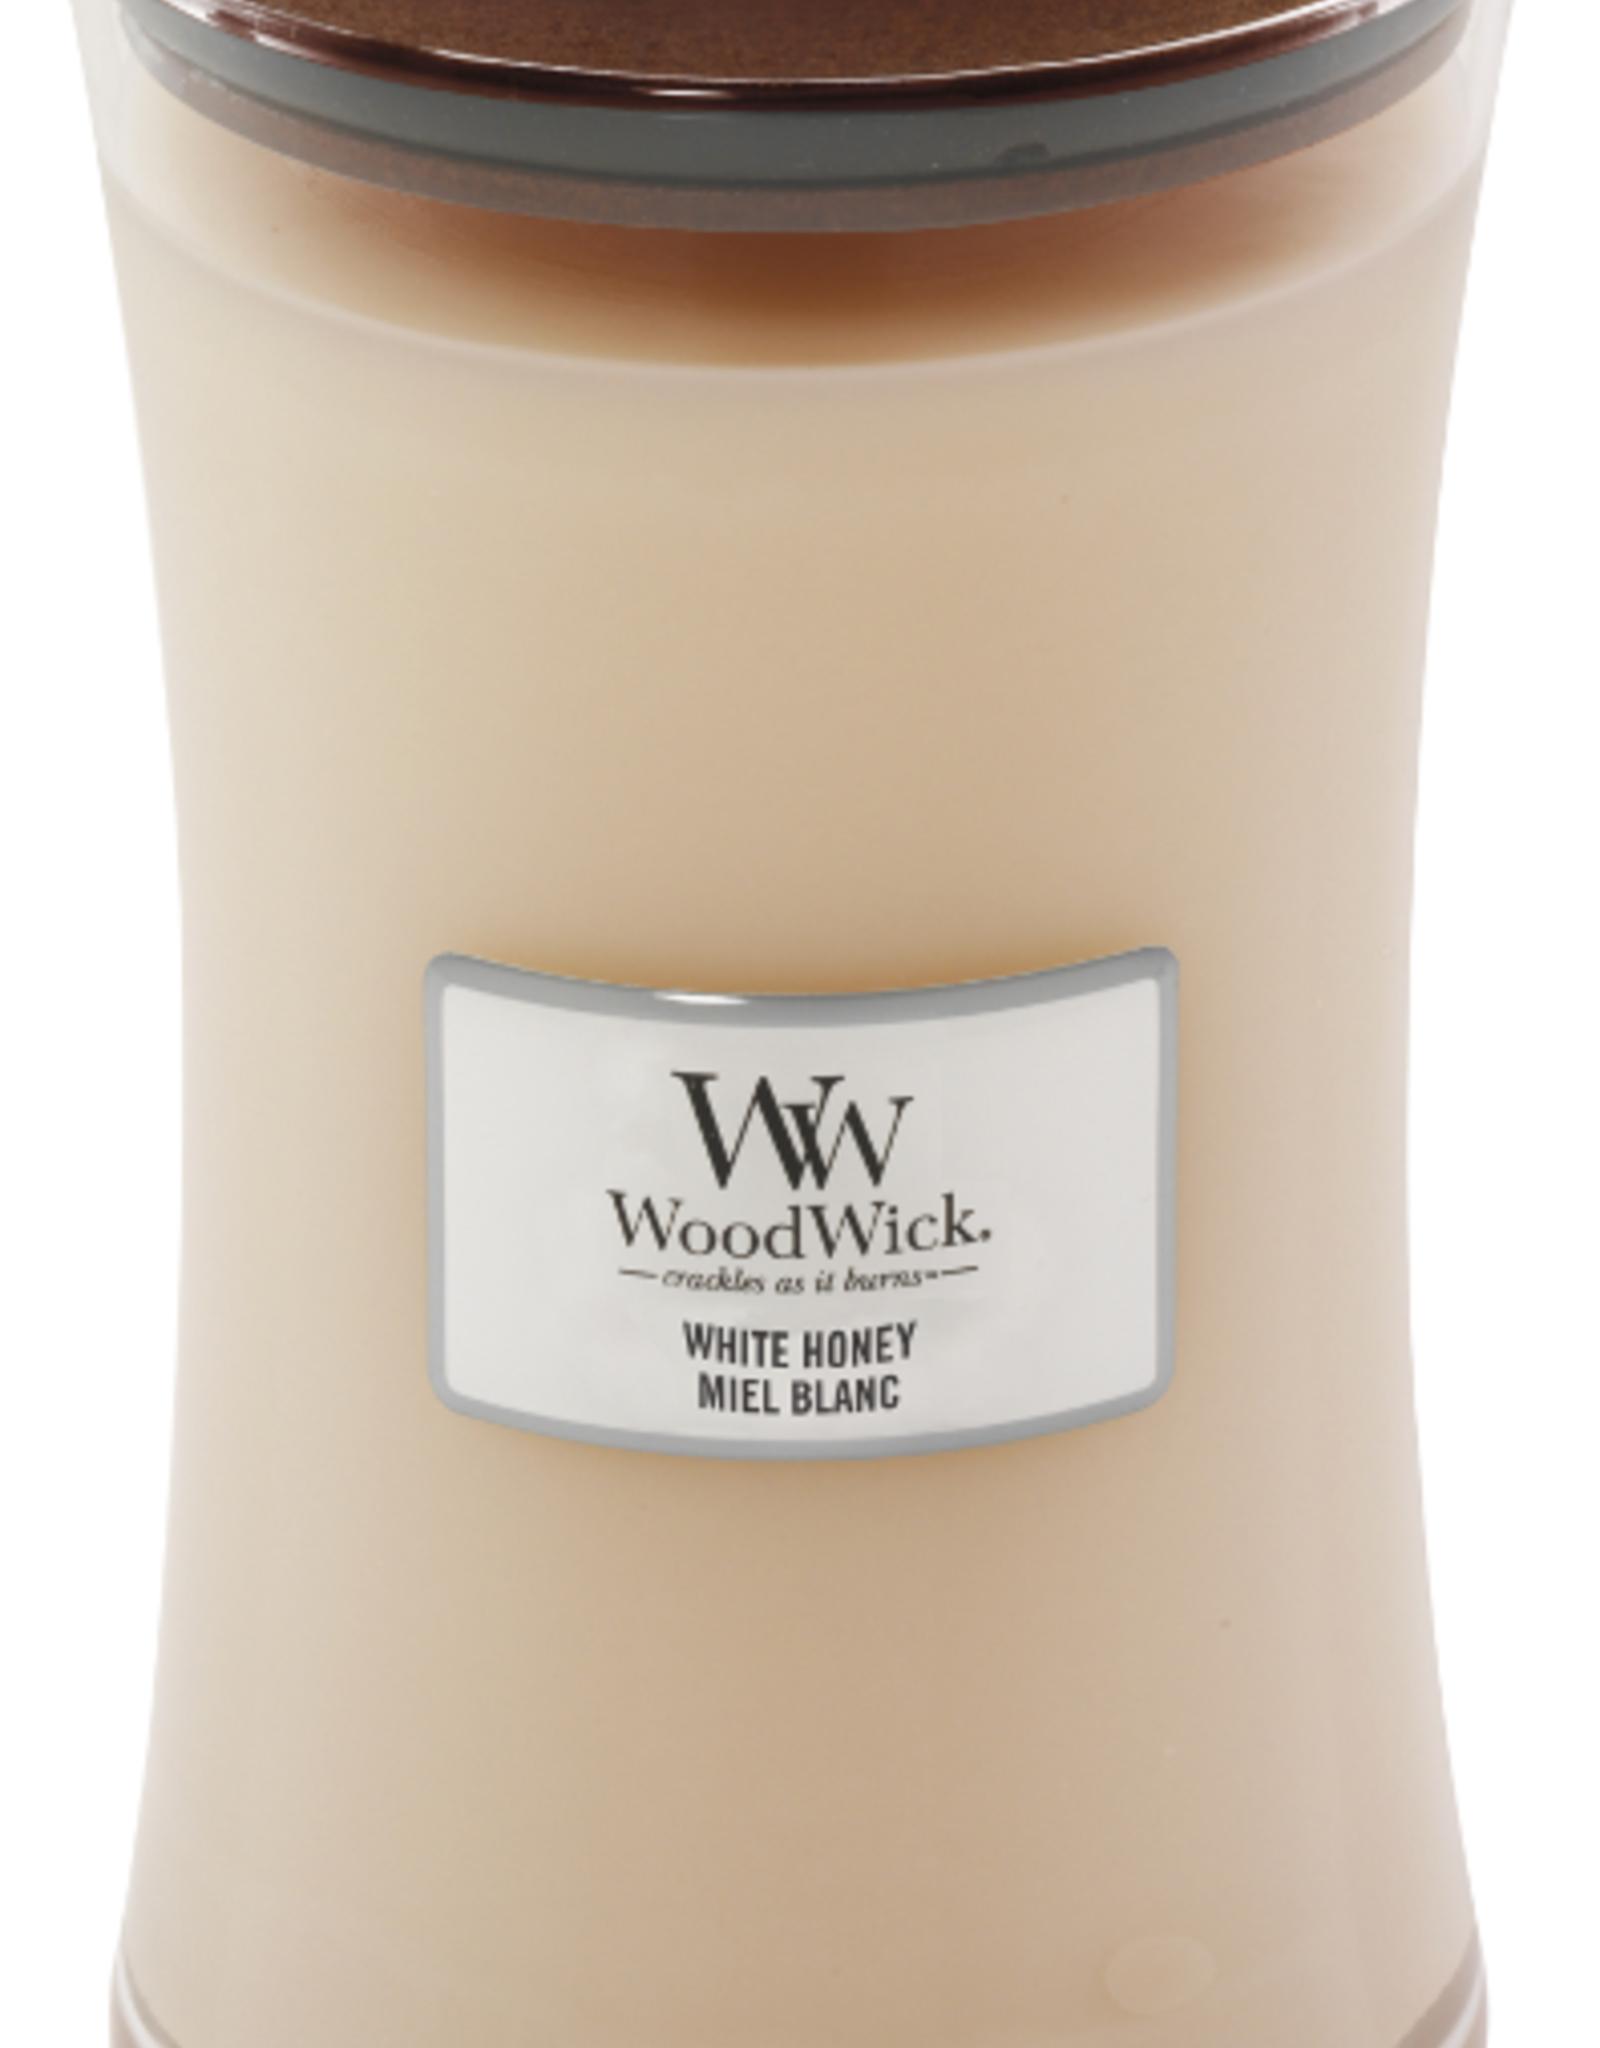 Woodwick WW white honey large candle